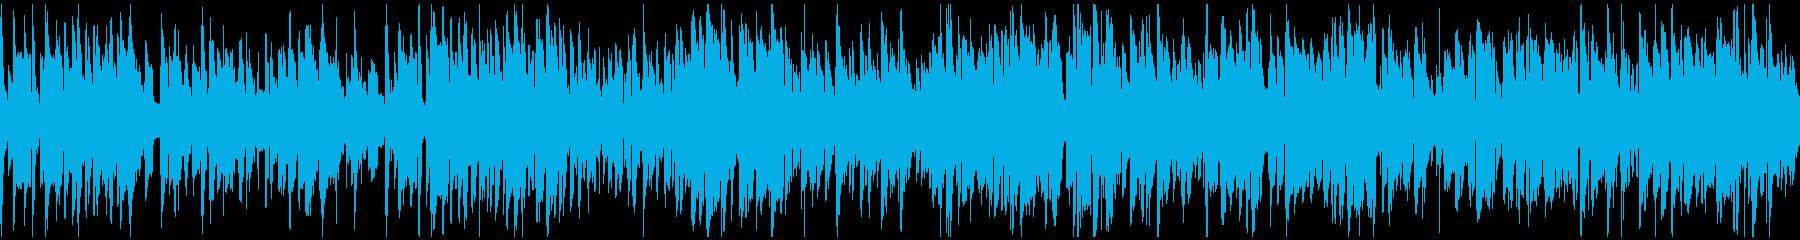 明るいジャズ、素敵なサックス ※ループ版の再生済みの波形